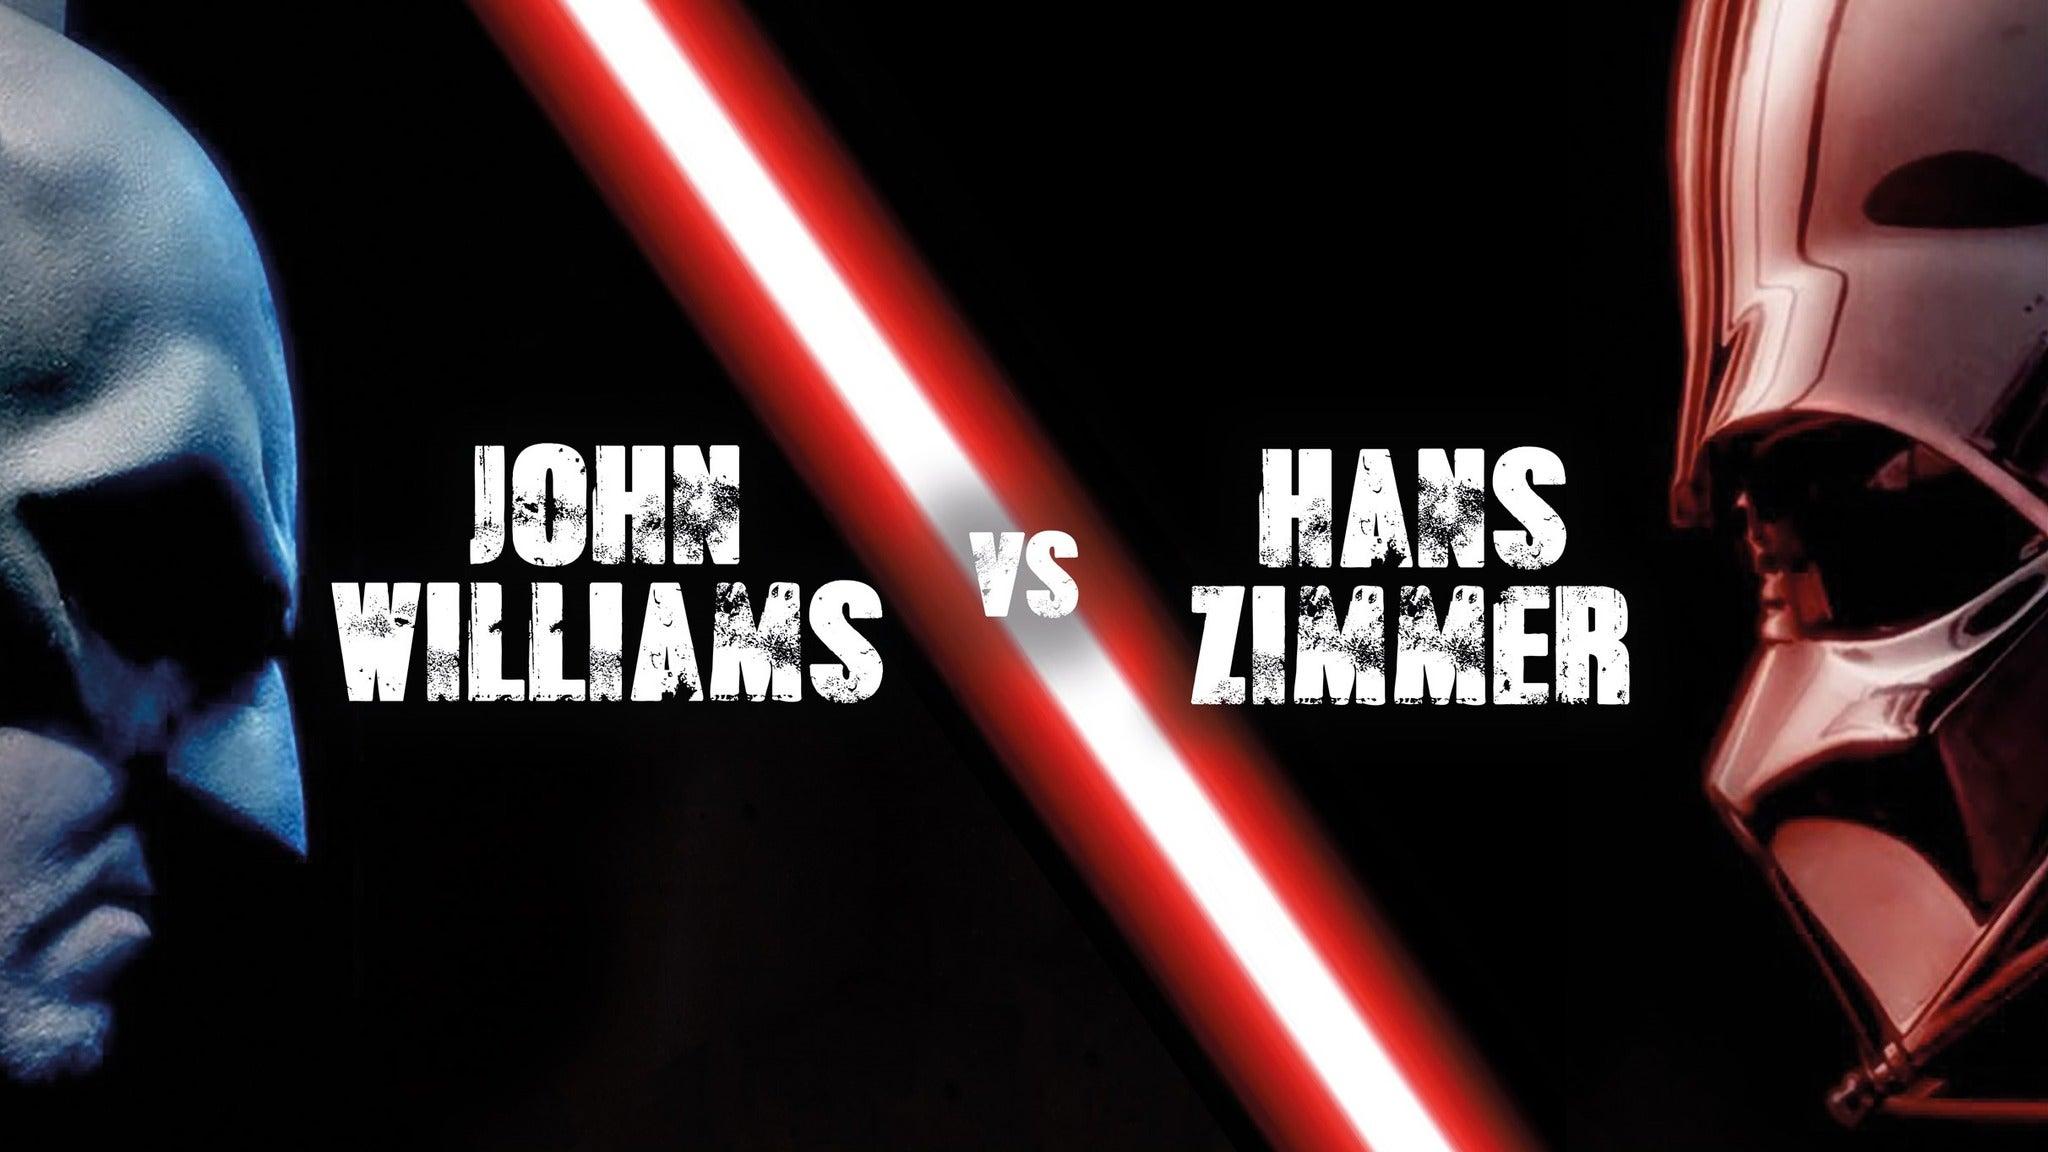 Zimmer vs Williams